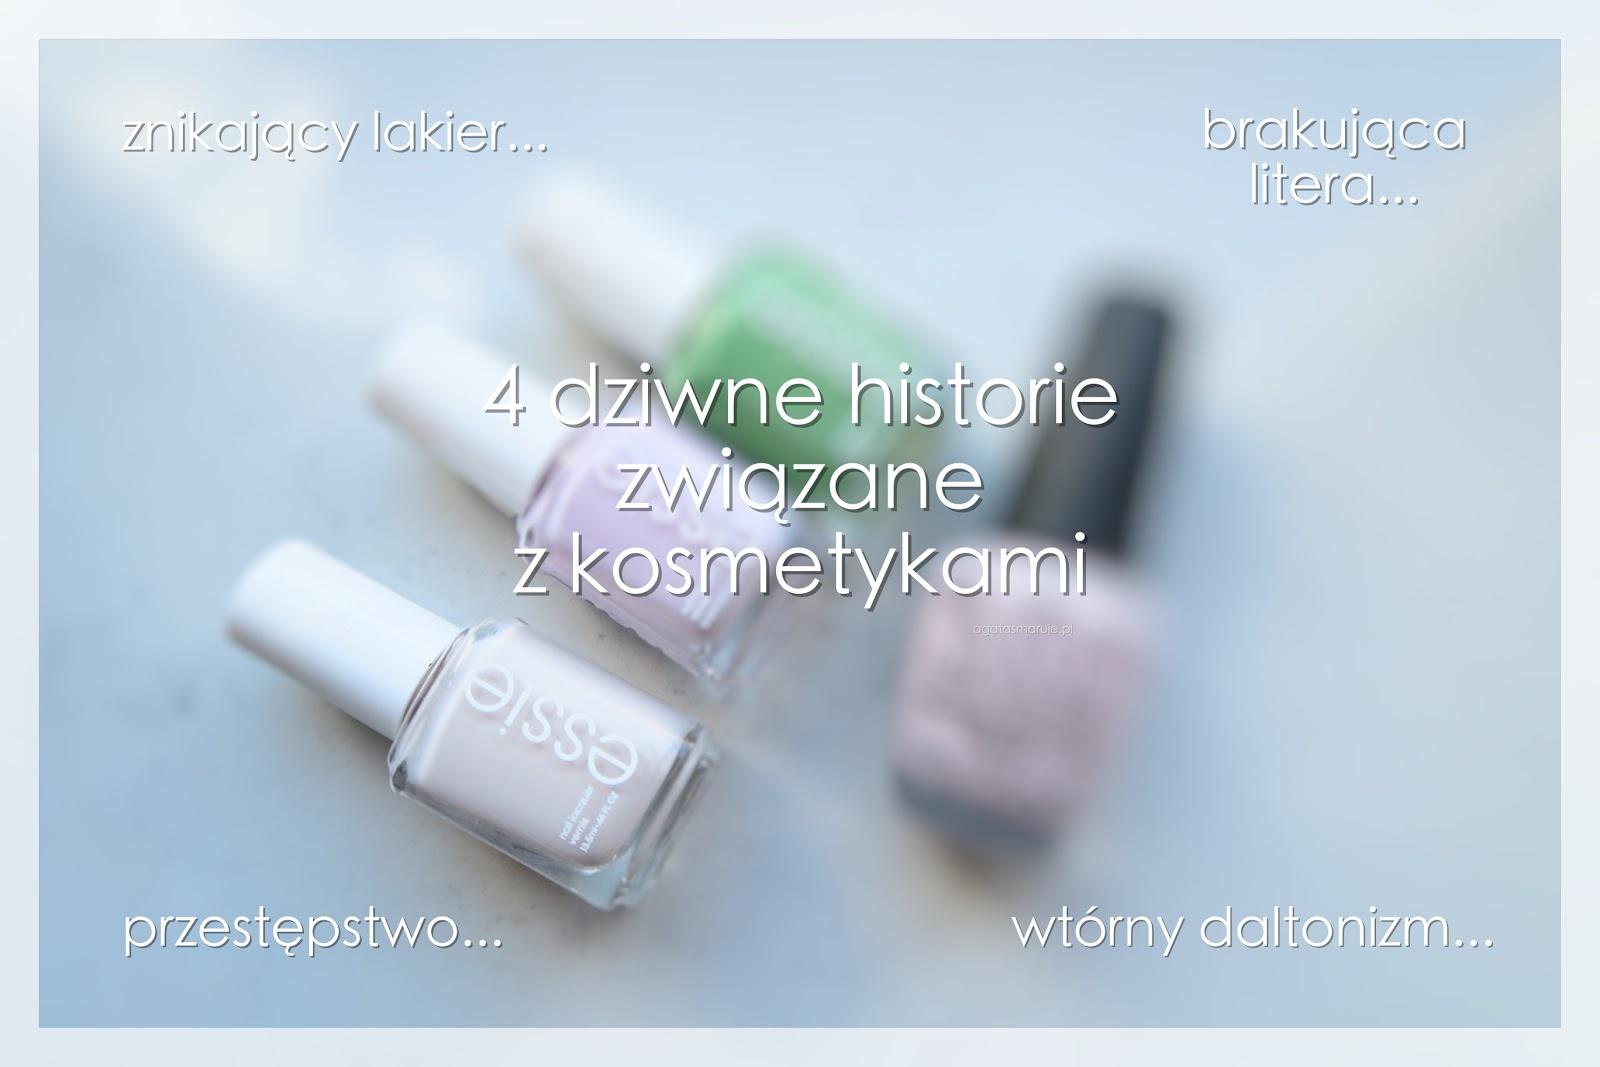 Moje 4 dziwne kosmetyczne historie